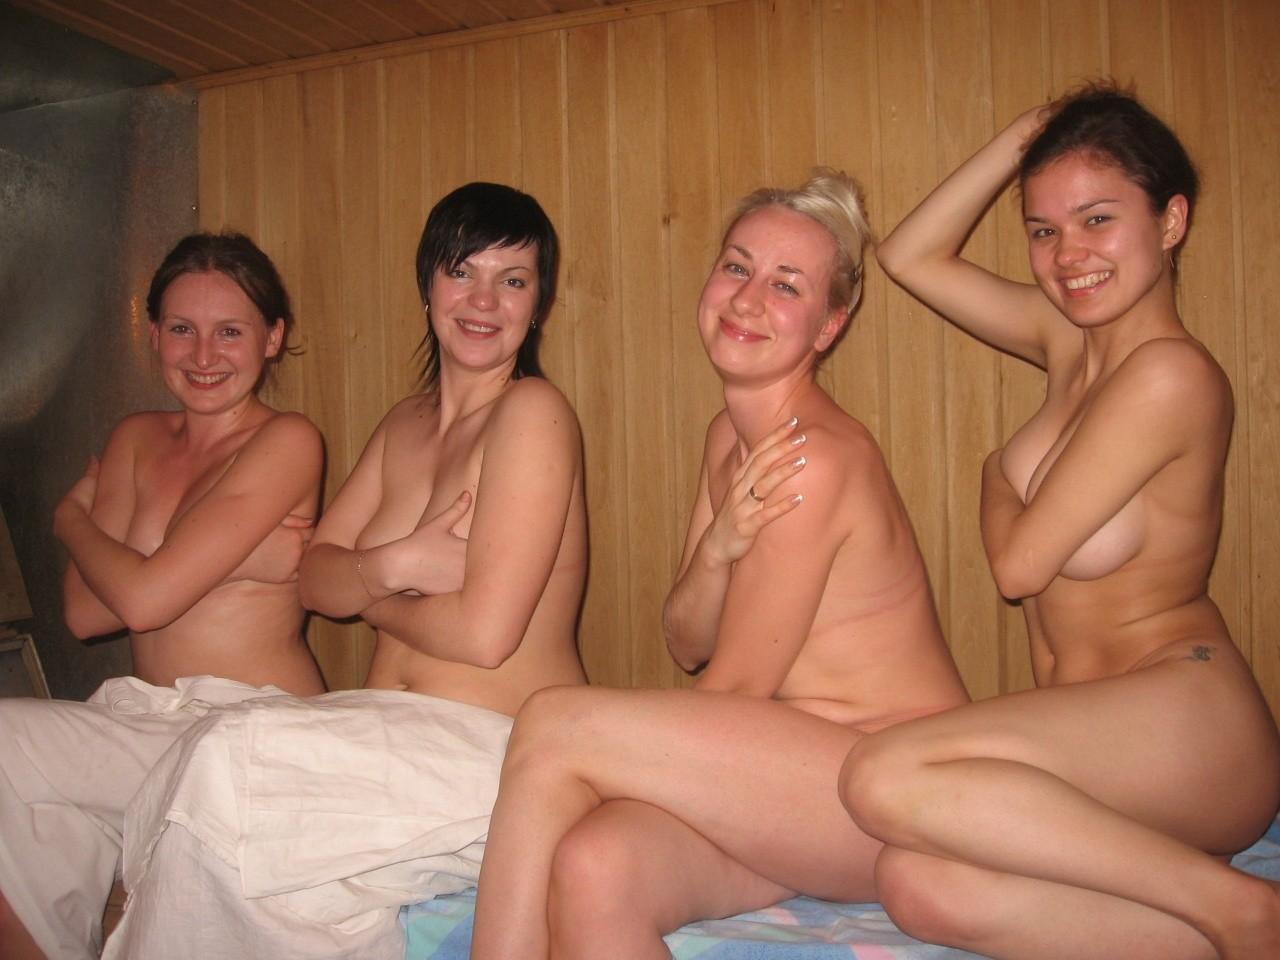 Смотреть русское порно онлайн в ресторане 22 фотография